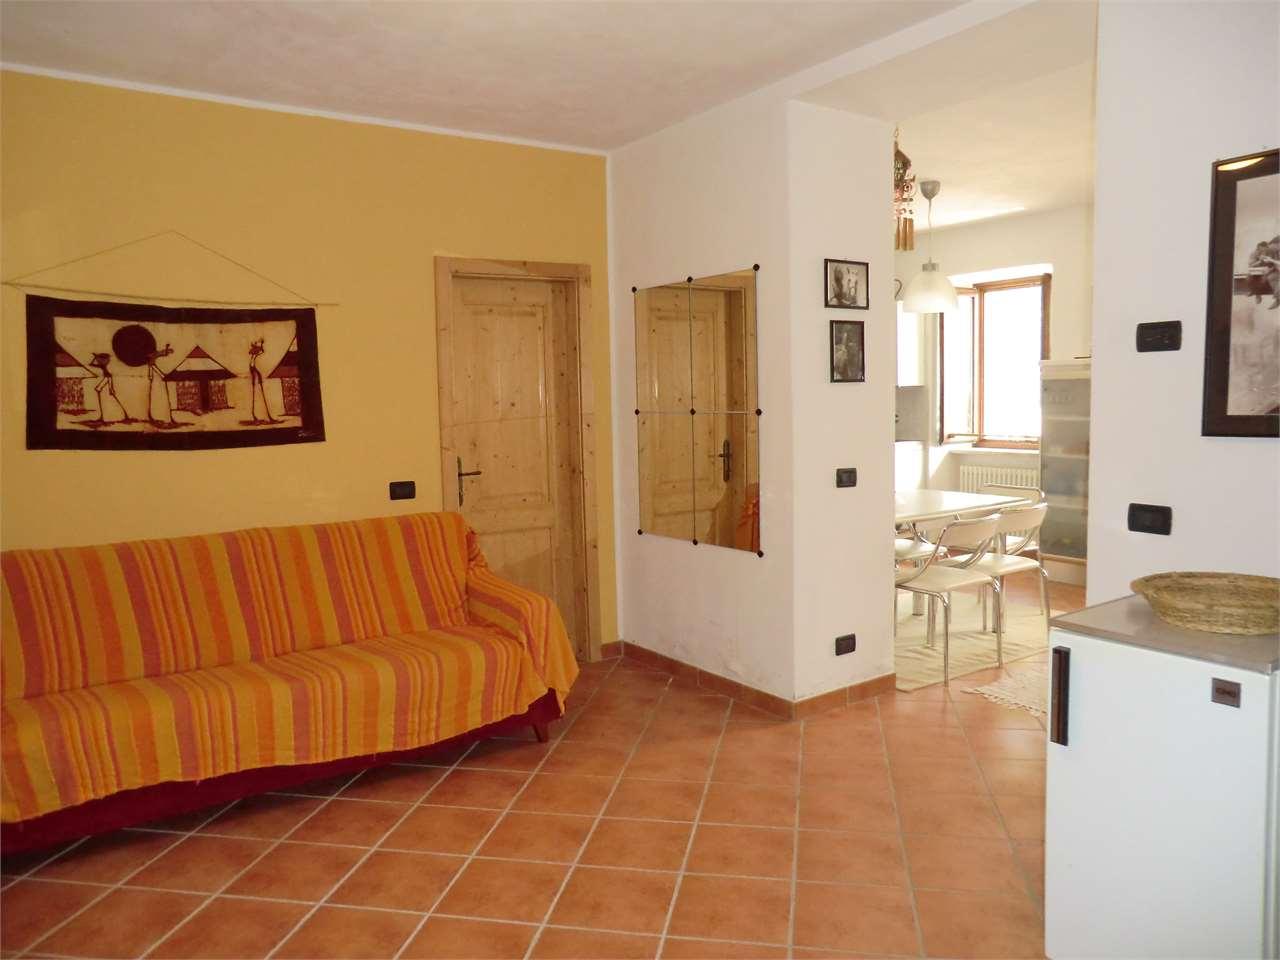 Foto appartamento in vendita a Terragnolo (Trento)